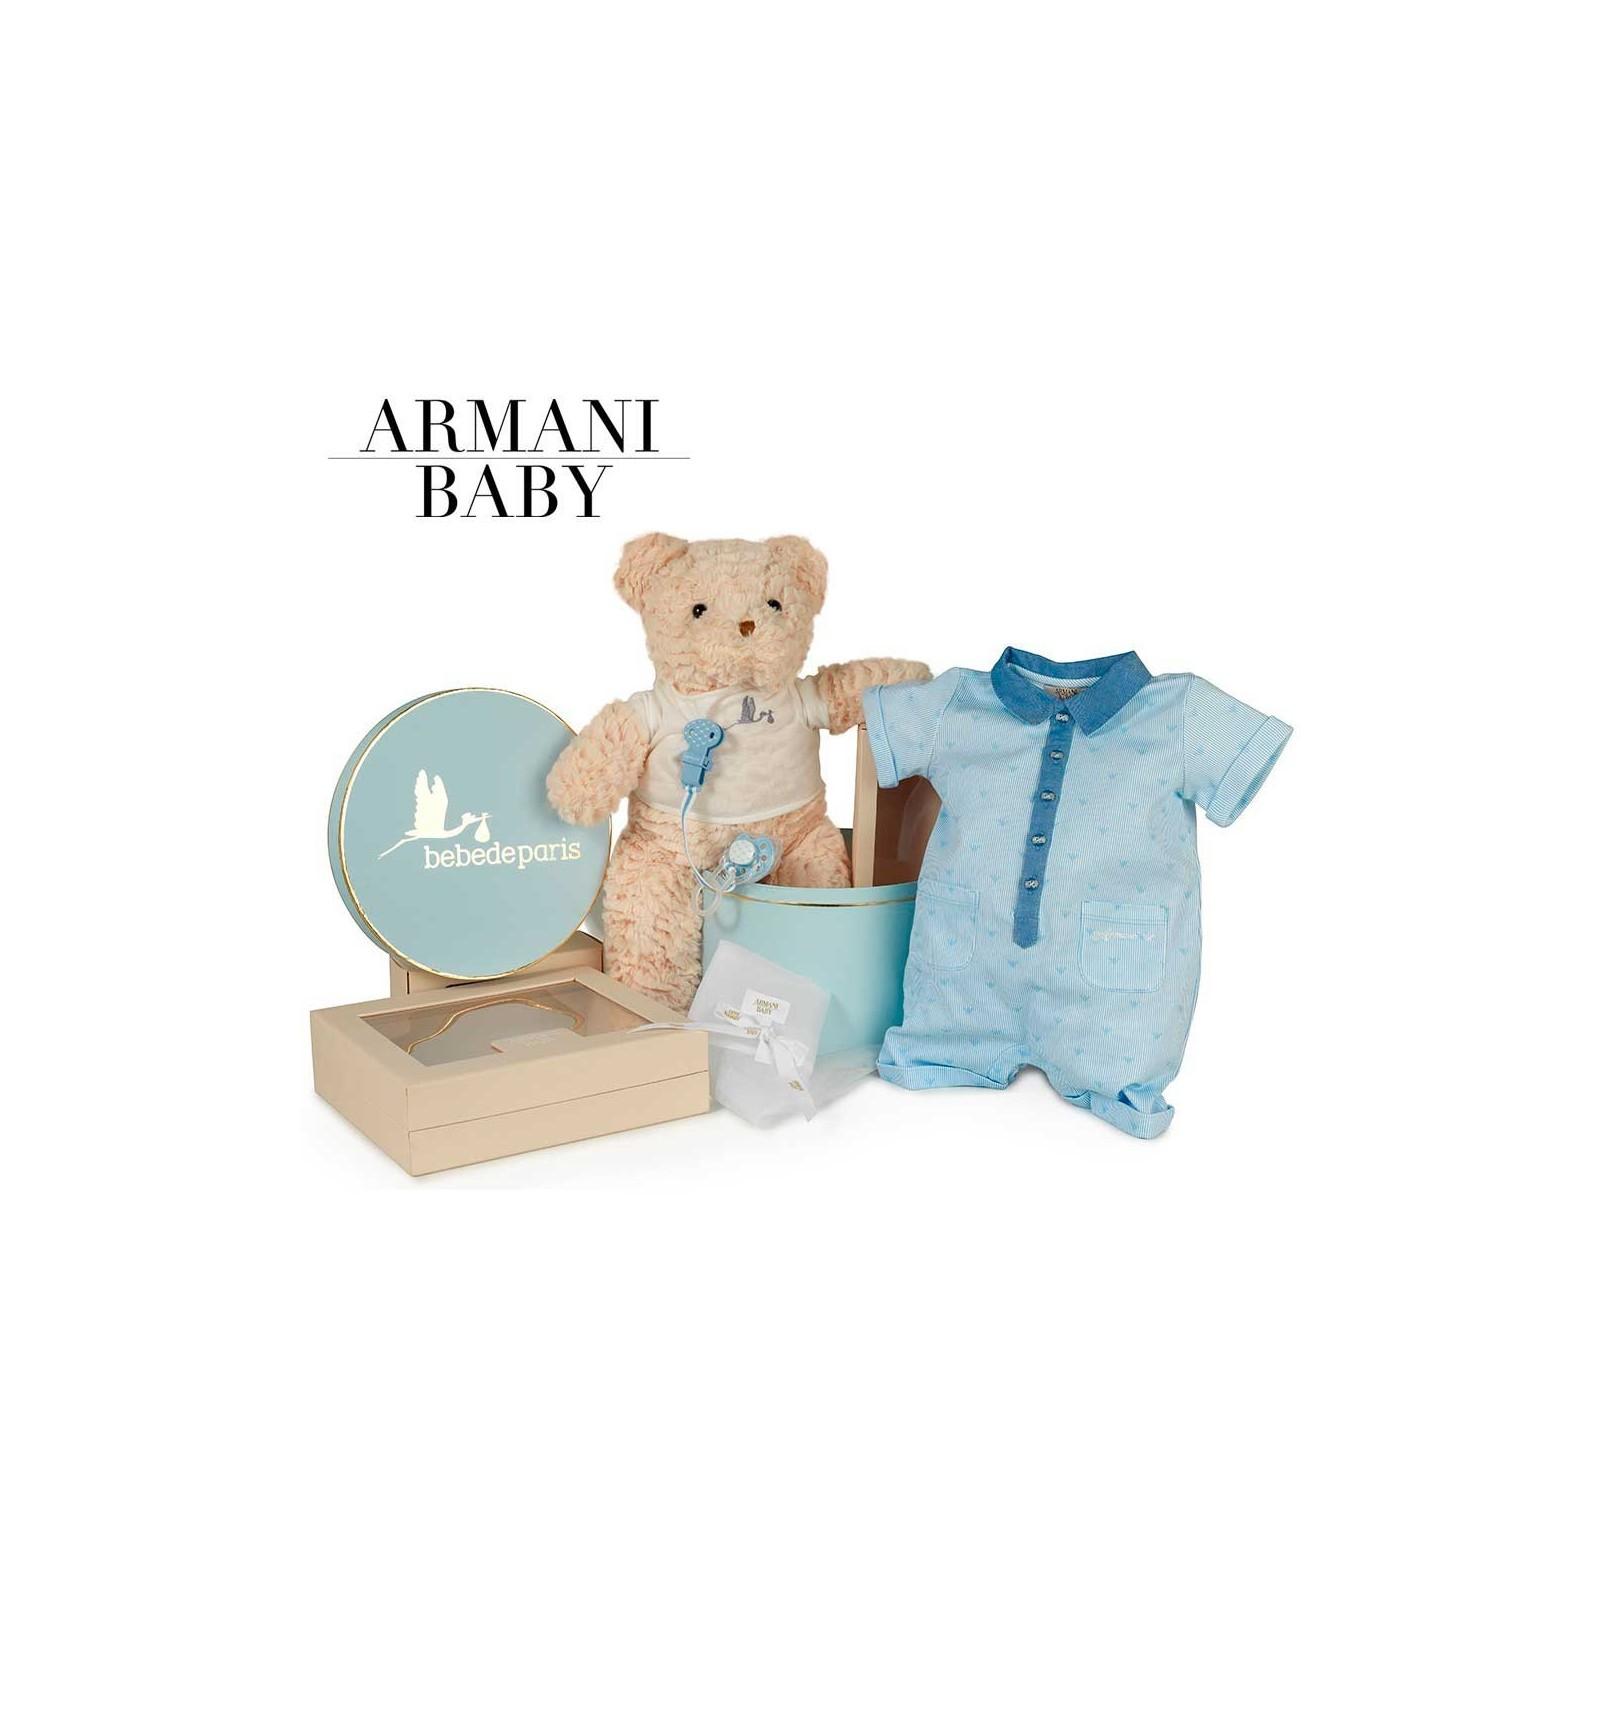 Corbeille bébé Armani sérénité   Bebe de Paris 3af9365b1db